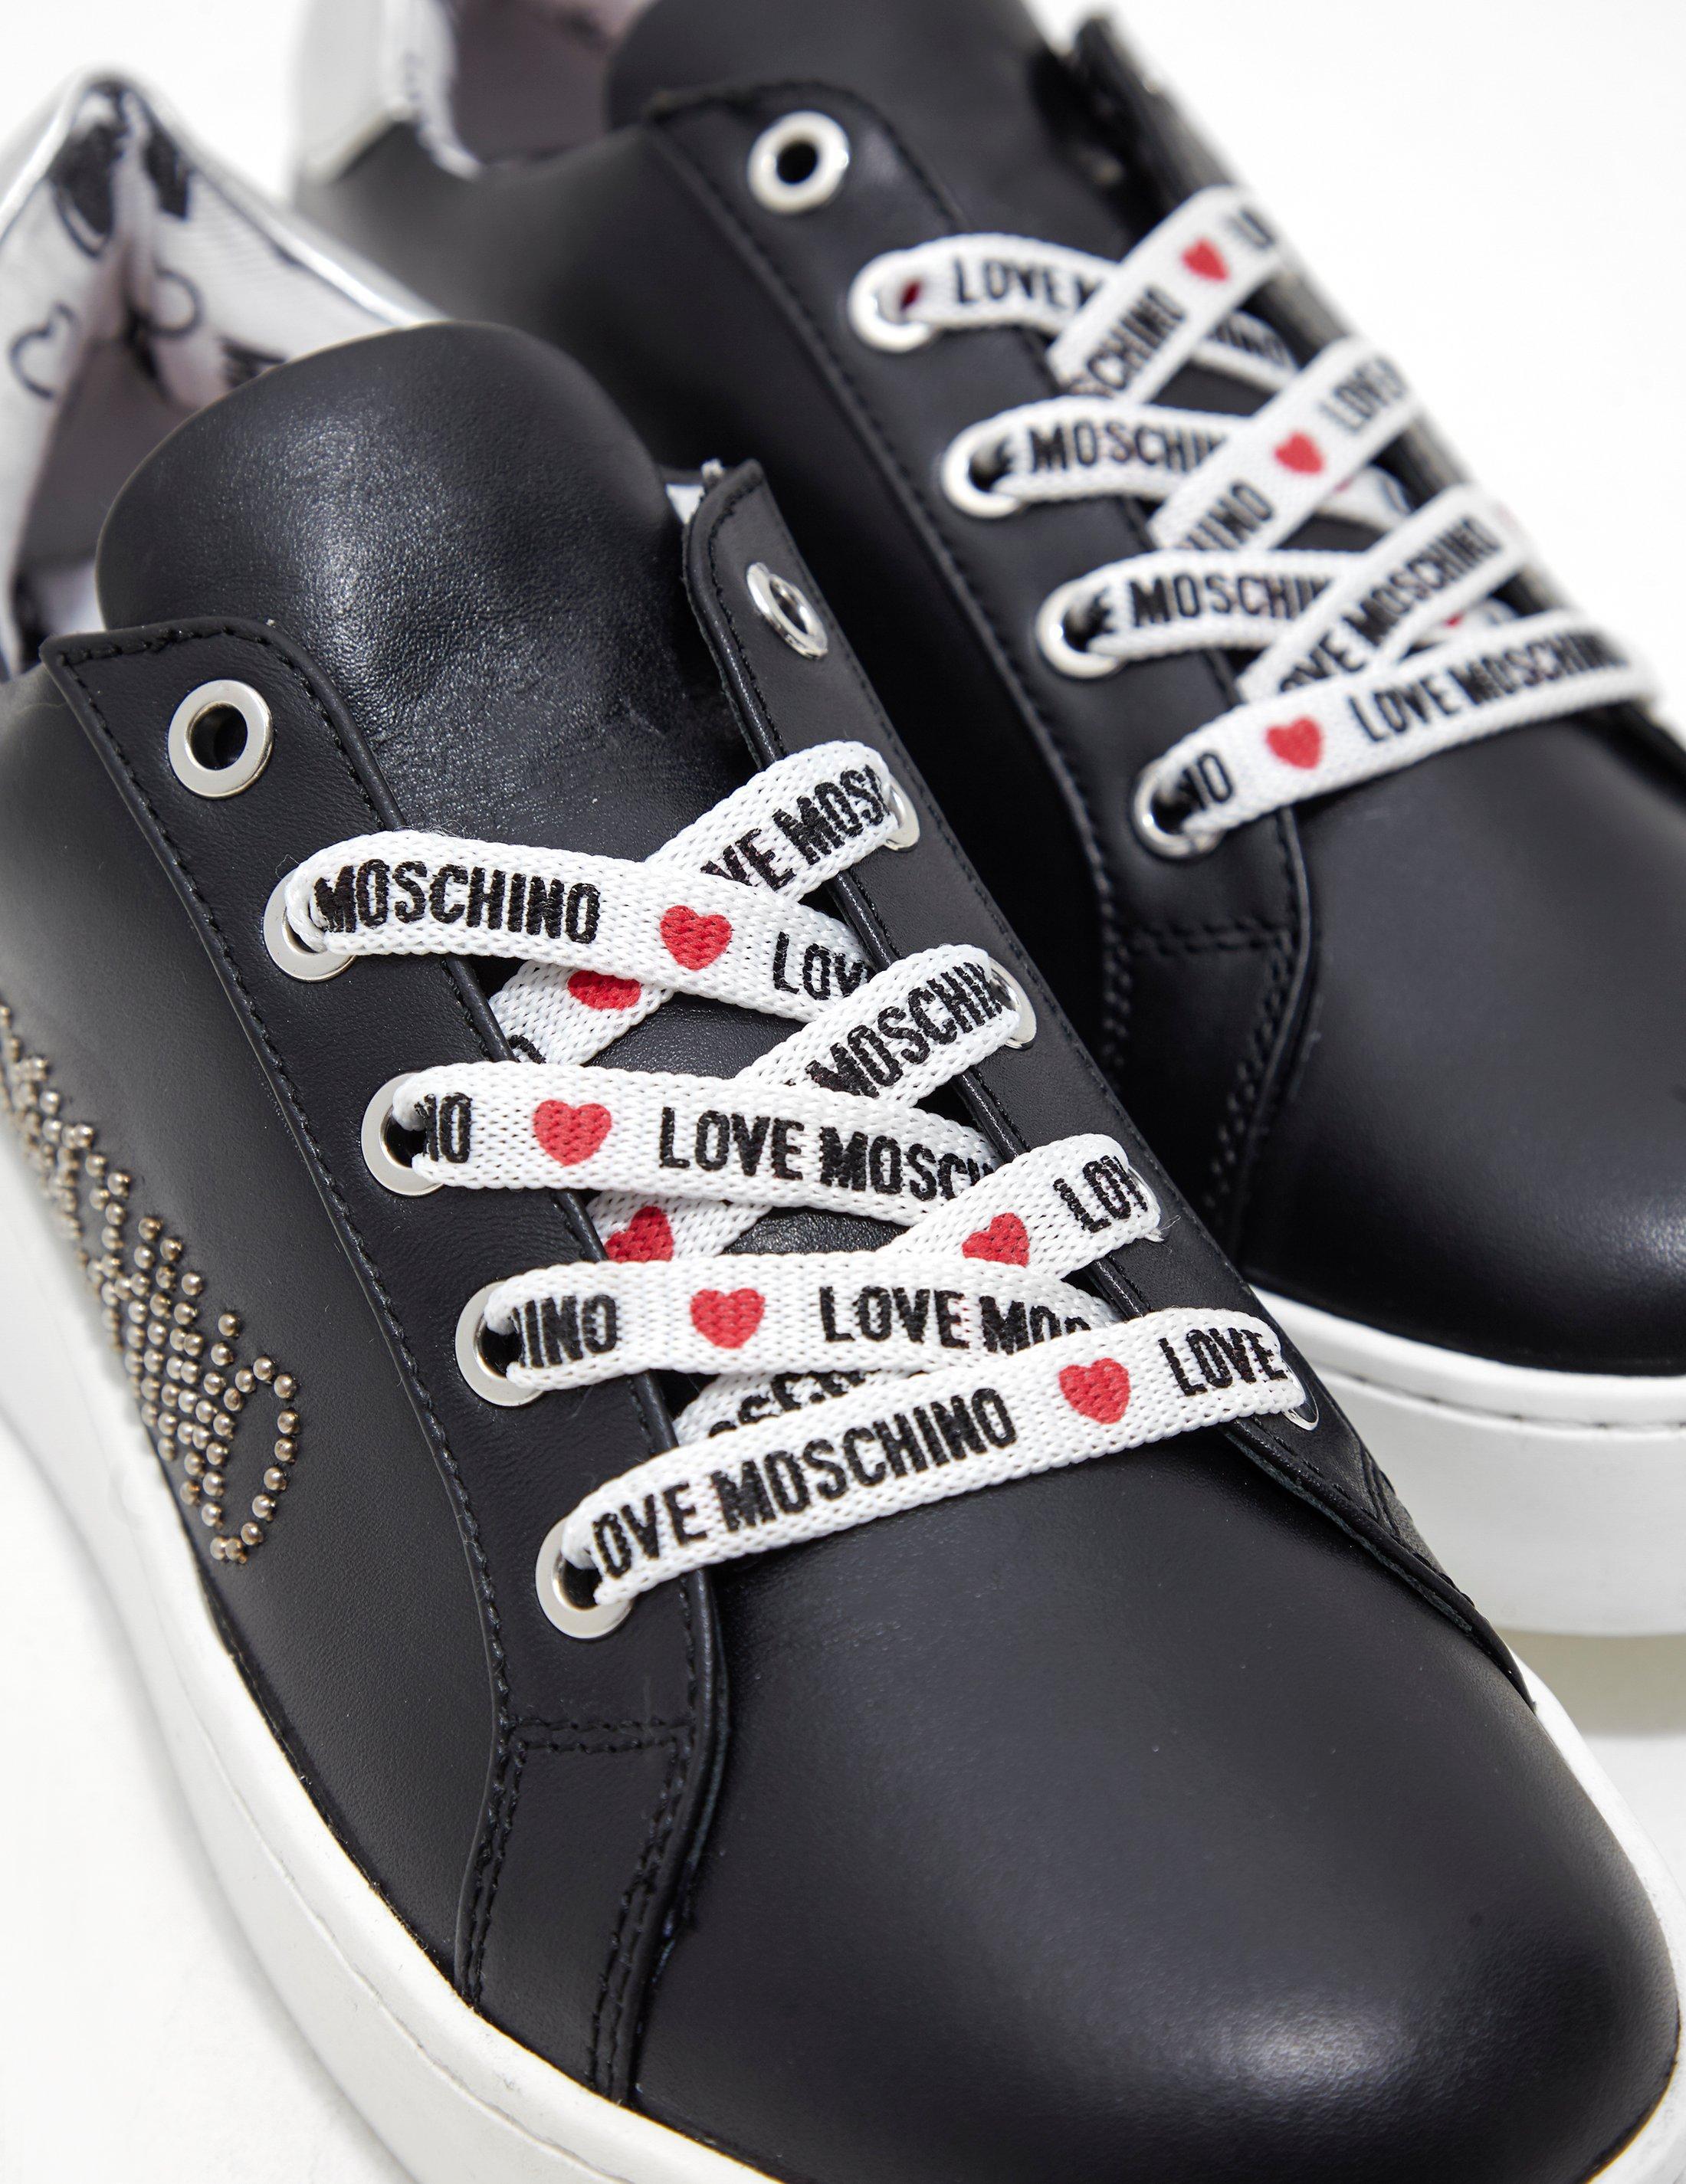 ddab11cf619 Lyst - Love Moschino Scarpad.cassetta35 Gymnastics Shoes in Black